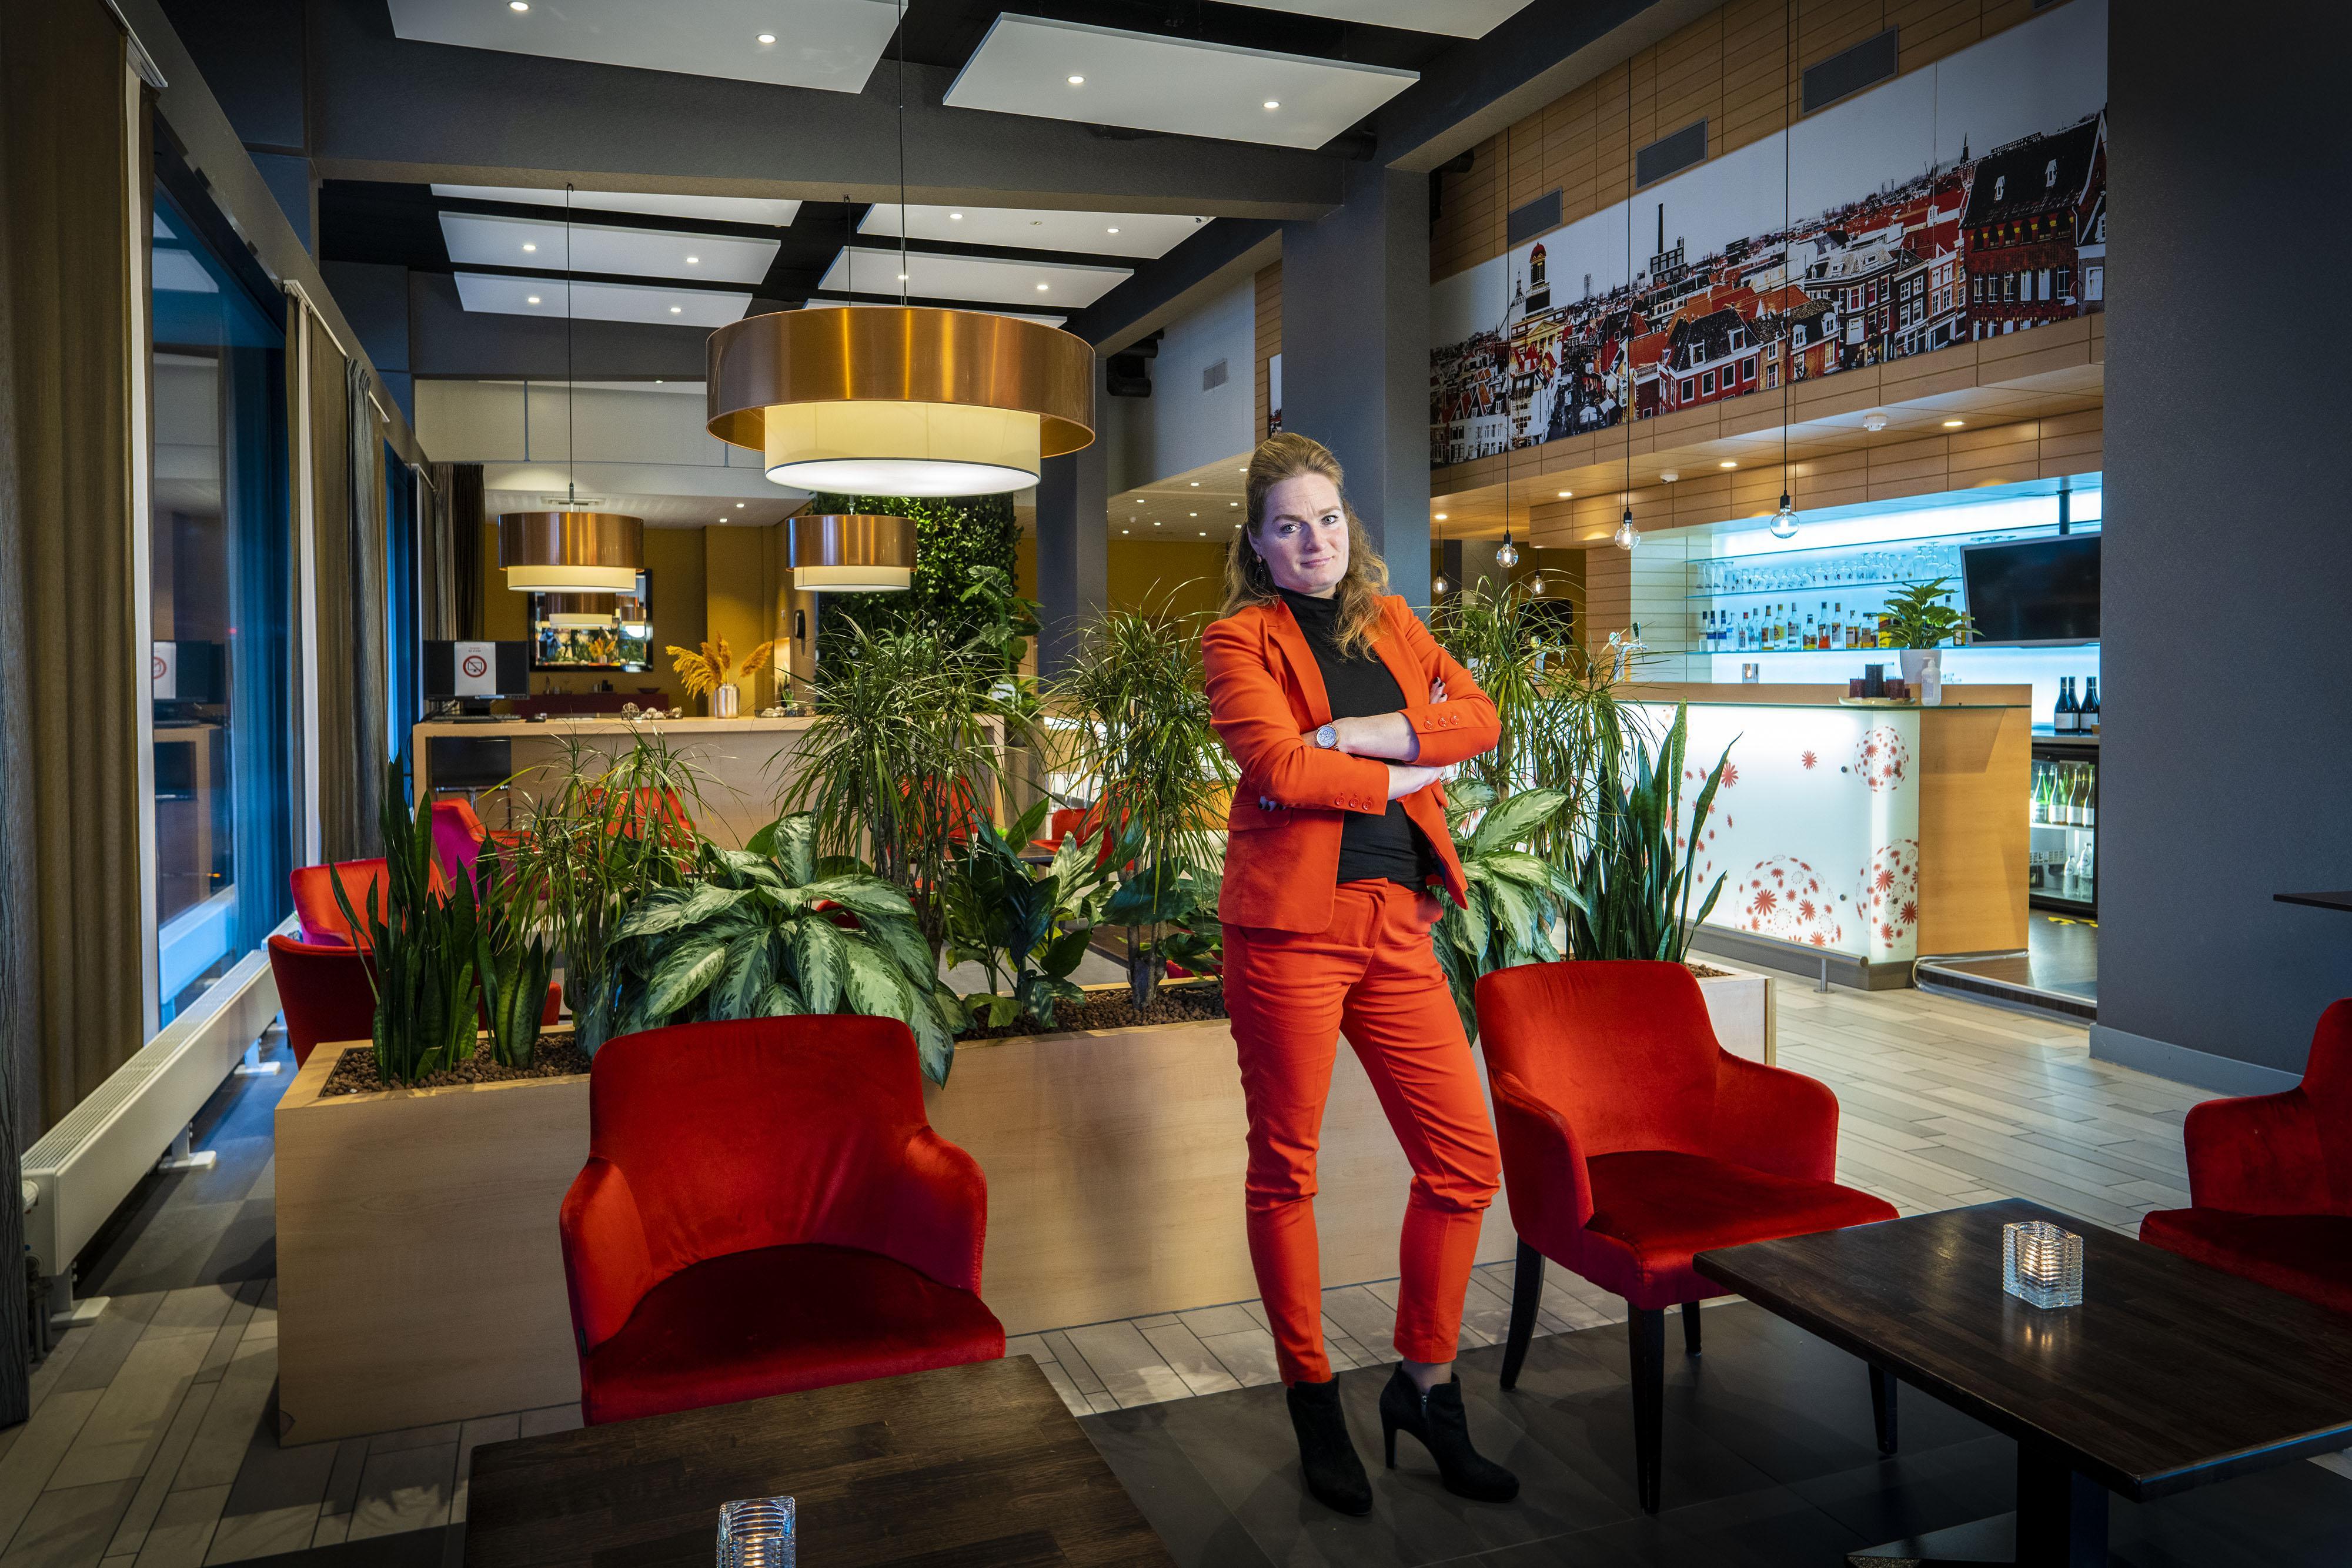 Leontine Groenendijk, aan de top in het door mannen gedomineerde hotelwezen: 'Mensen maken het verschil, niet die kamer'